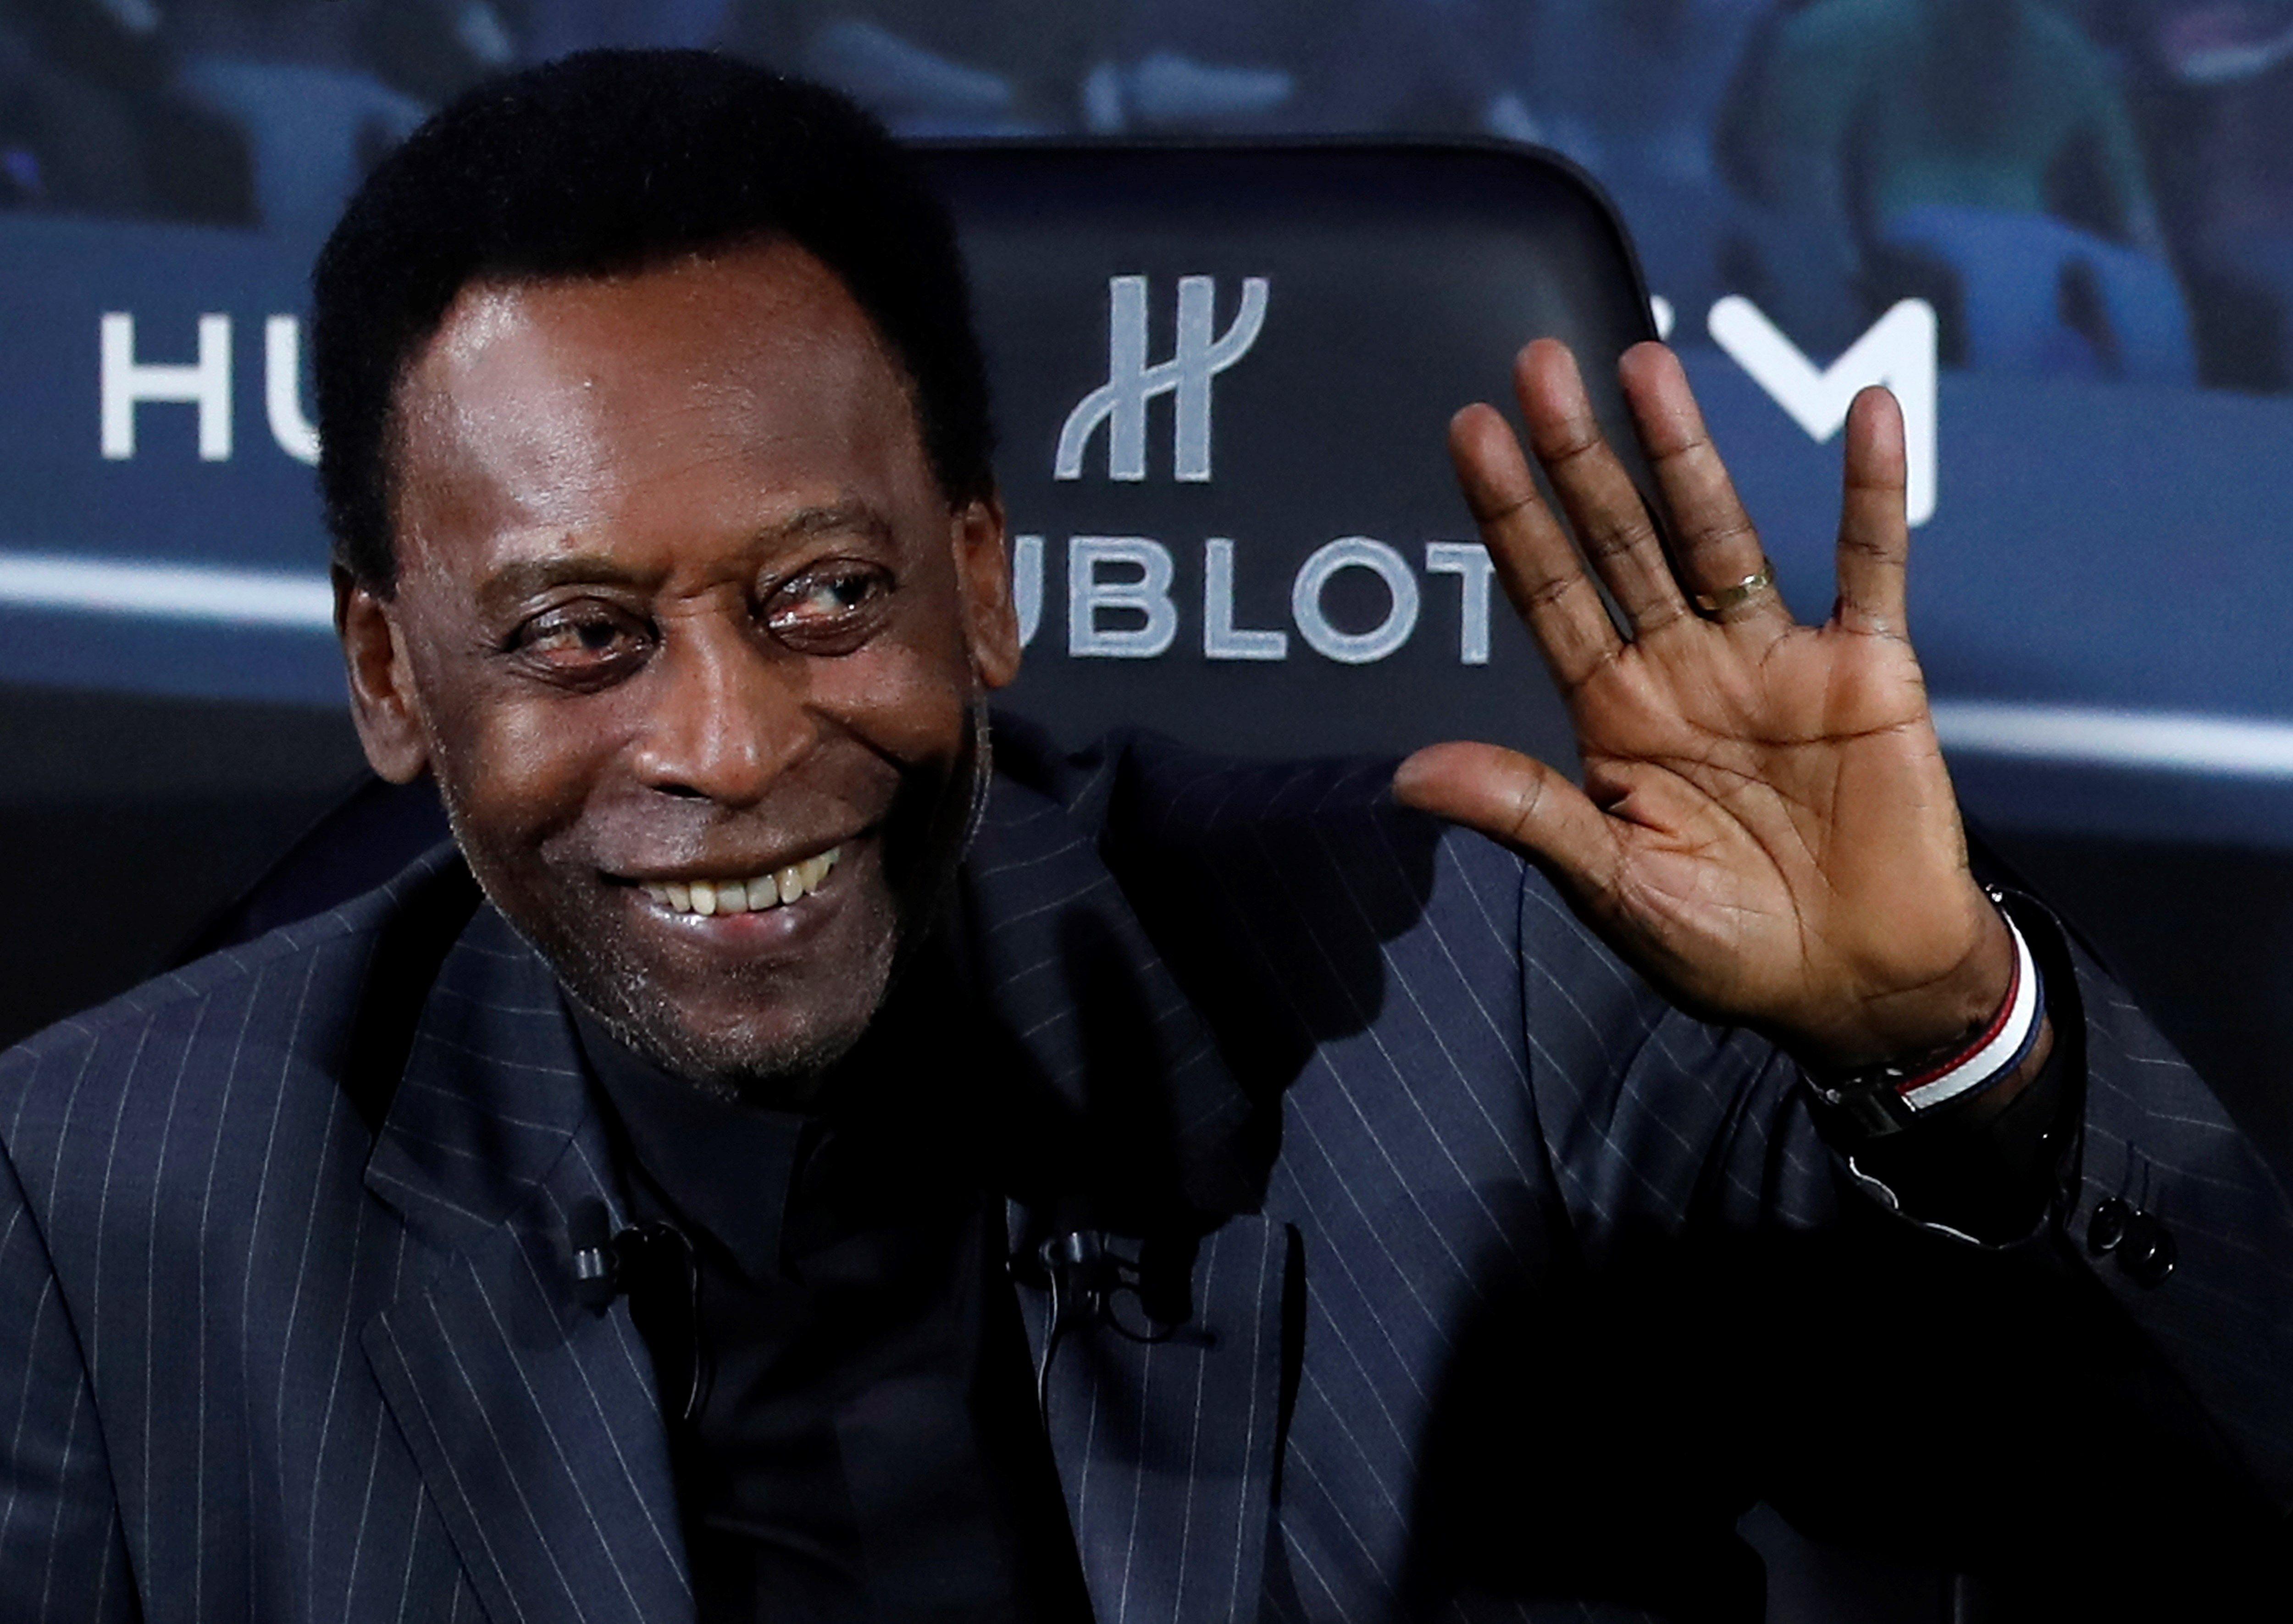 La leyenda del futbol Pelé posa durante un acto de una marca suiza de relojes. (Foto Prensa Libre: EFE)